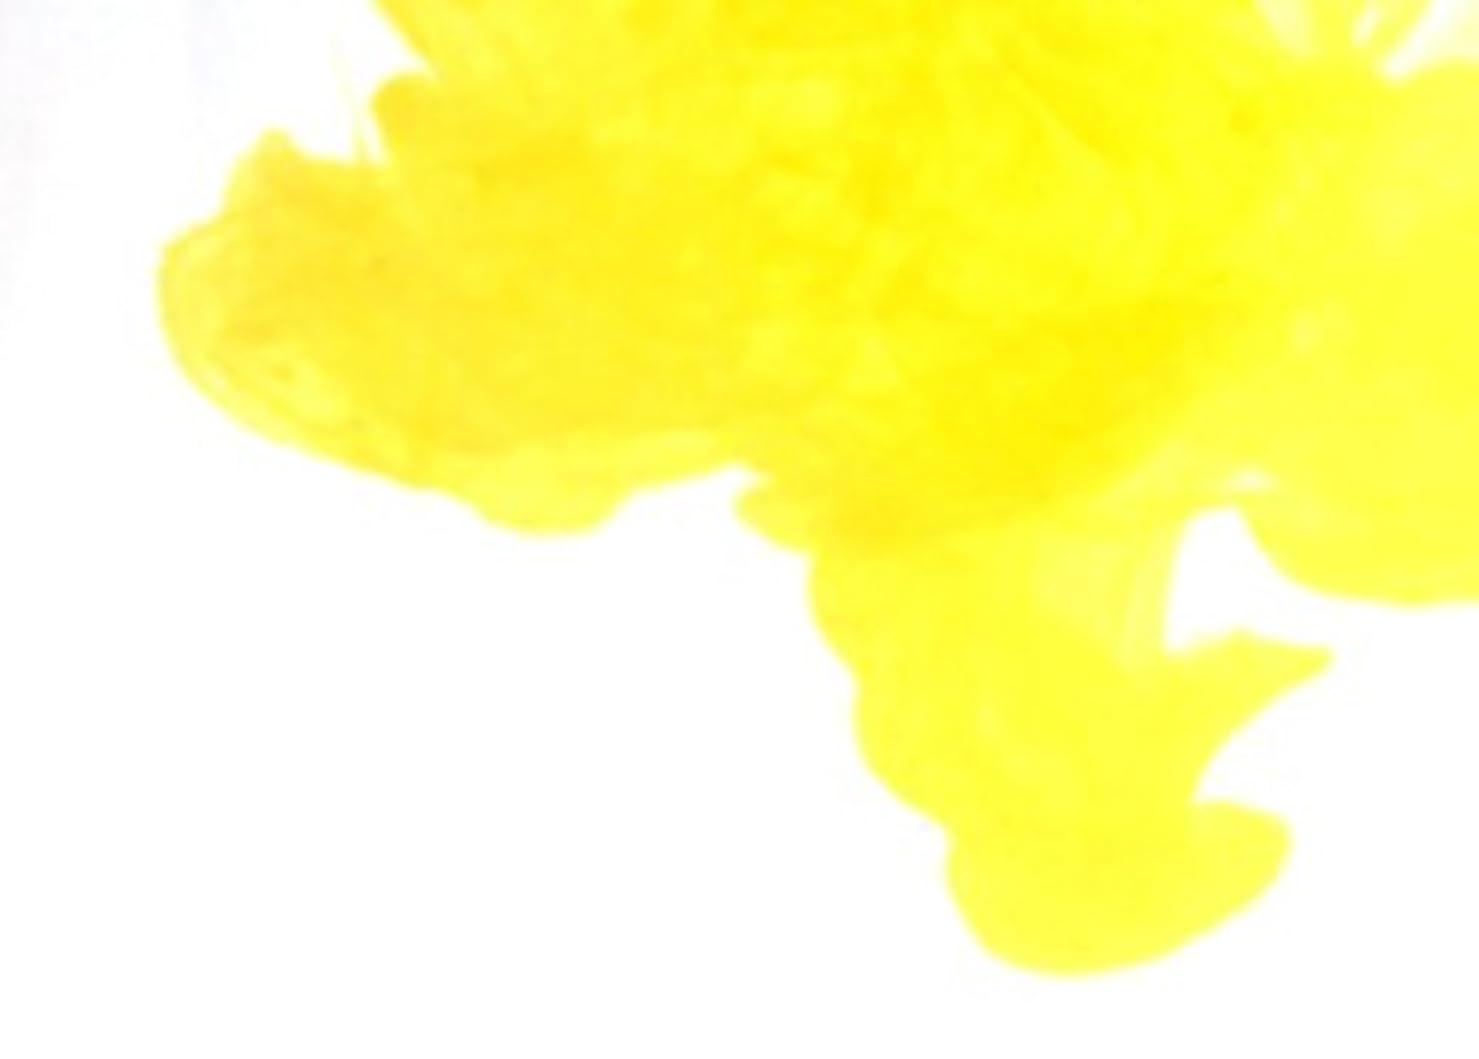 毒液衝撃発揮するYellow Liquid Soap Dye - 50ml